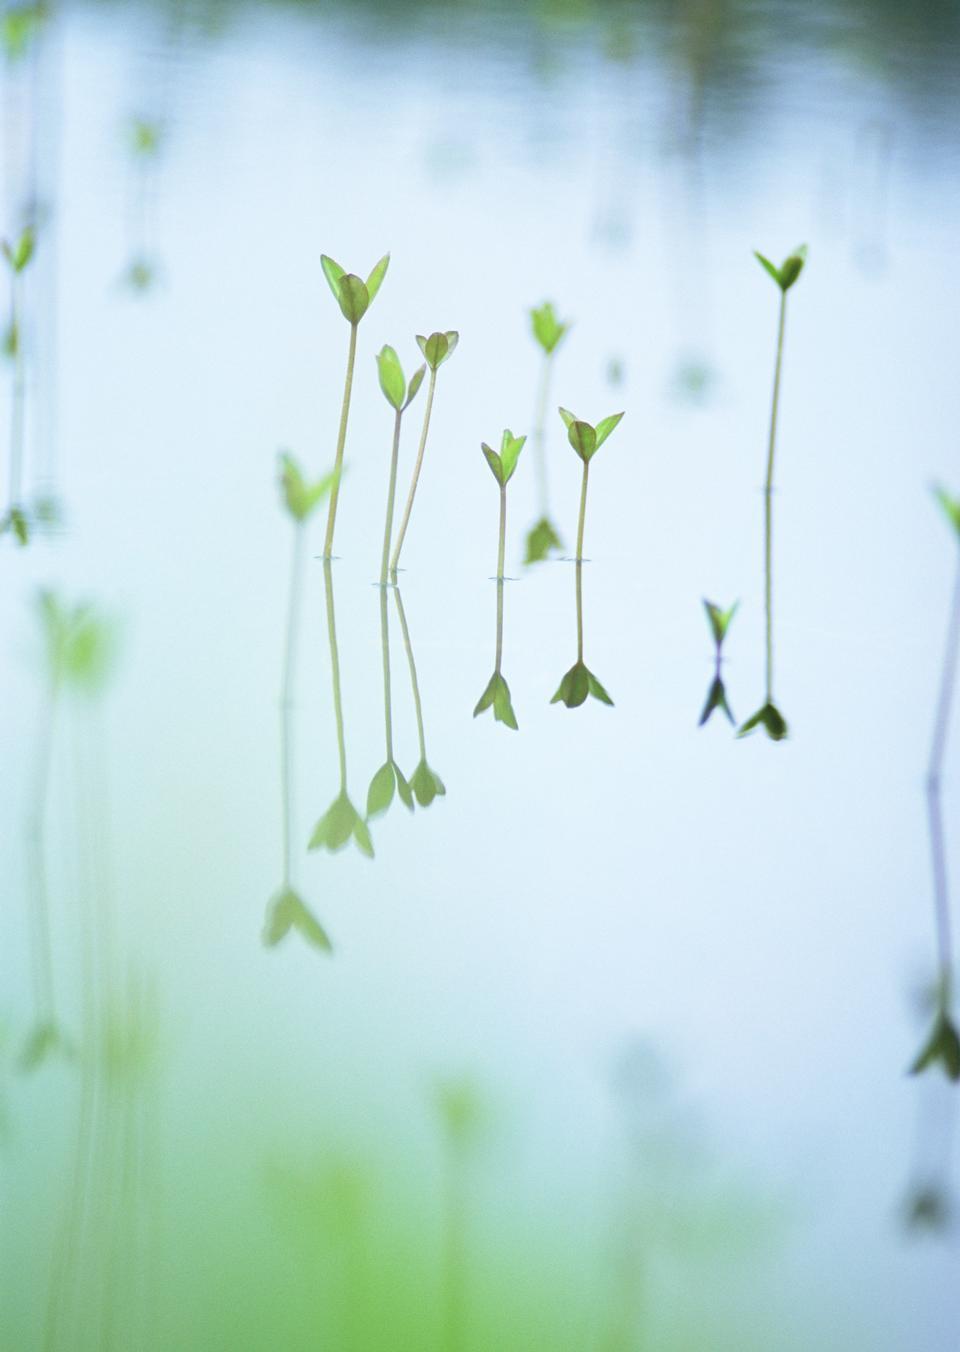 Plantas verdes em uma fileira de tubos de ensaio com água